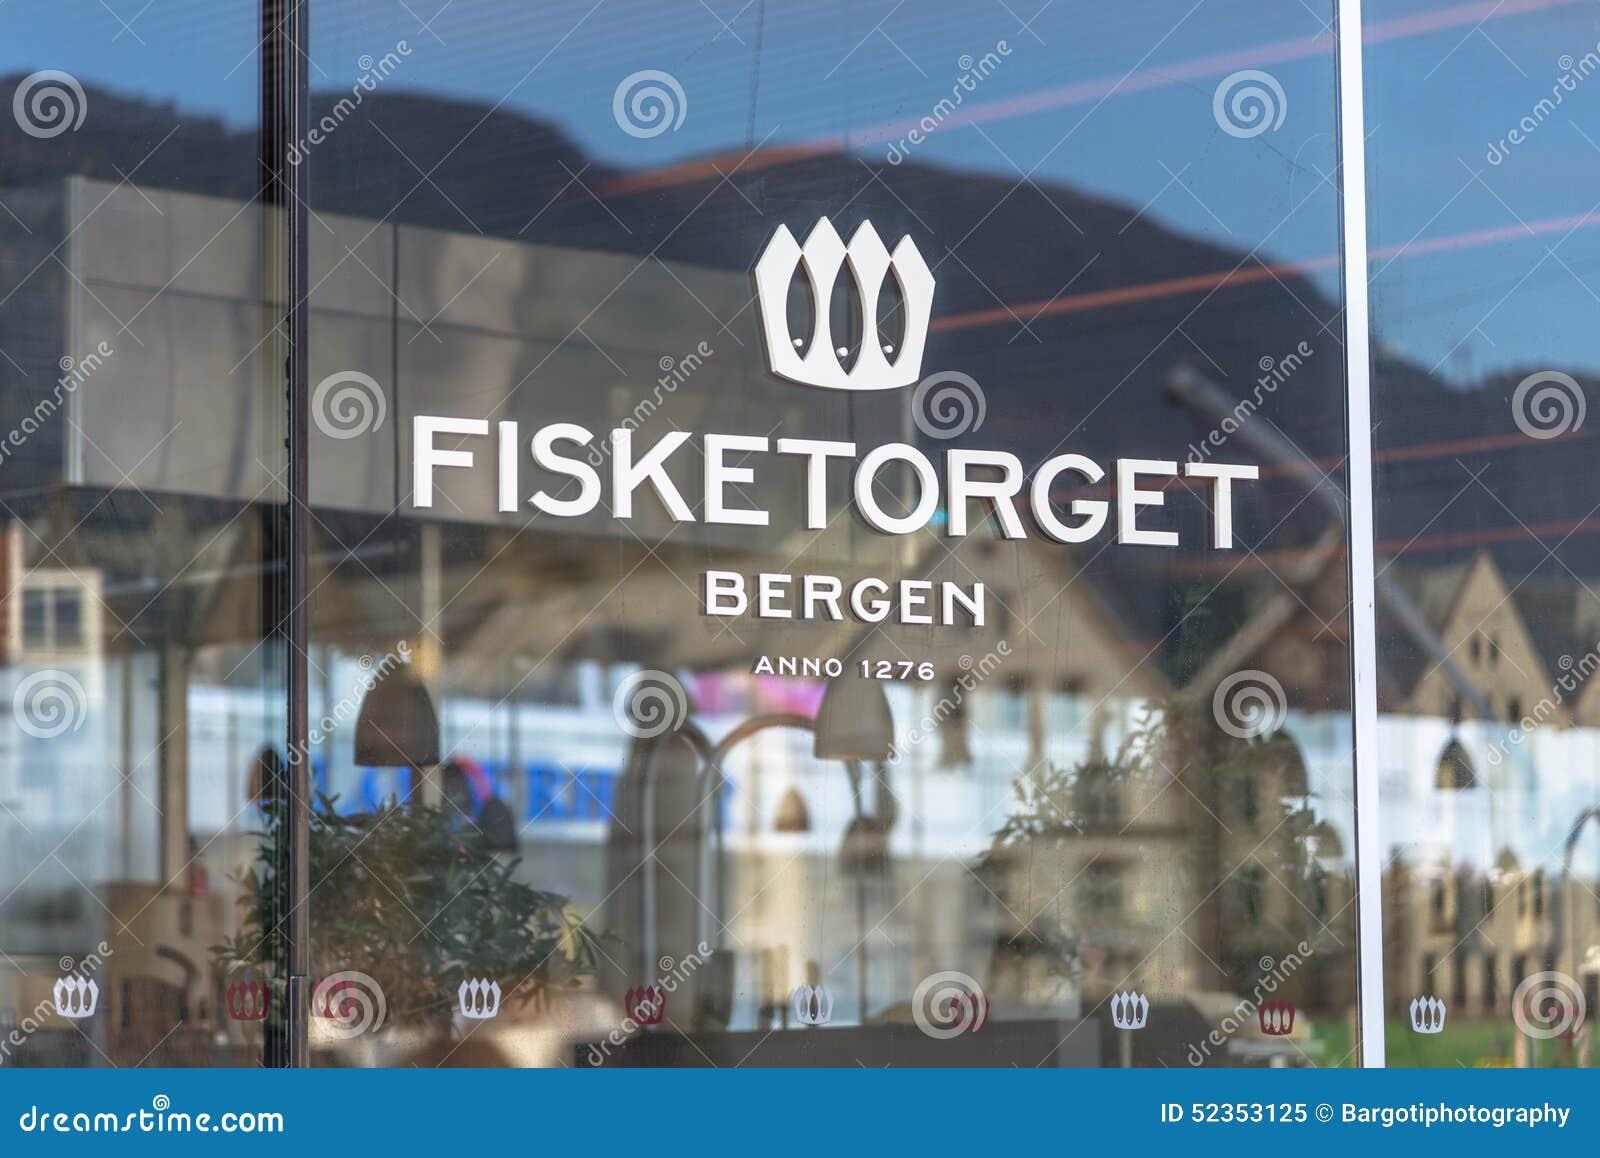 Διάσημη αγορά ψαριών στο Μπέργκεν